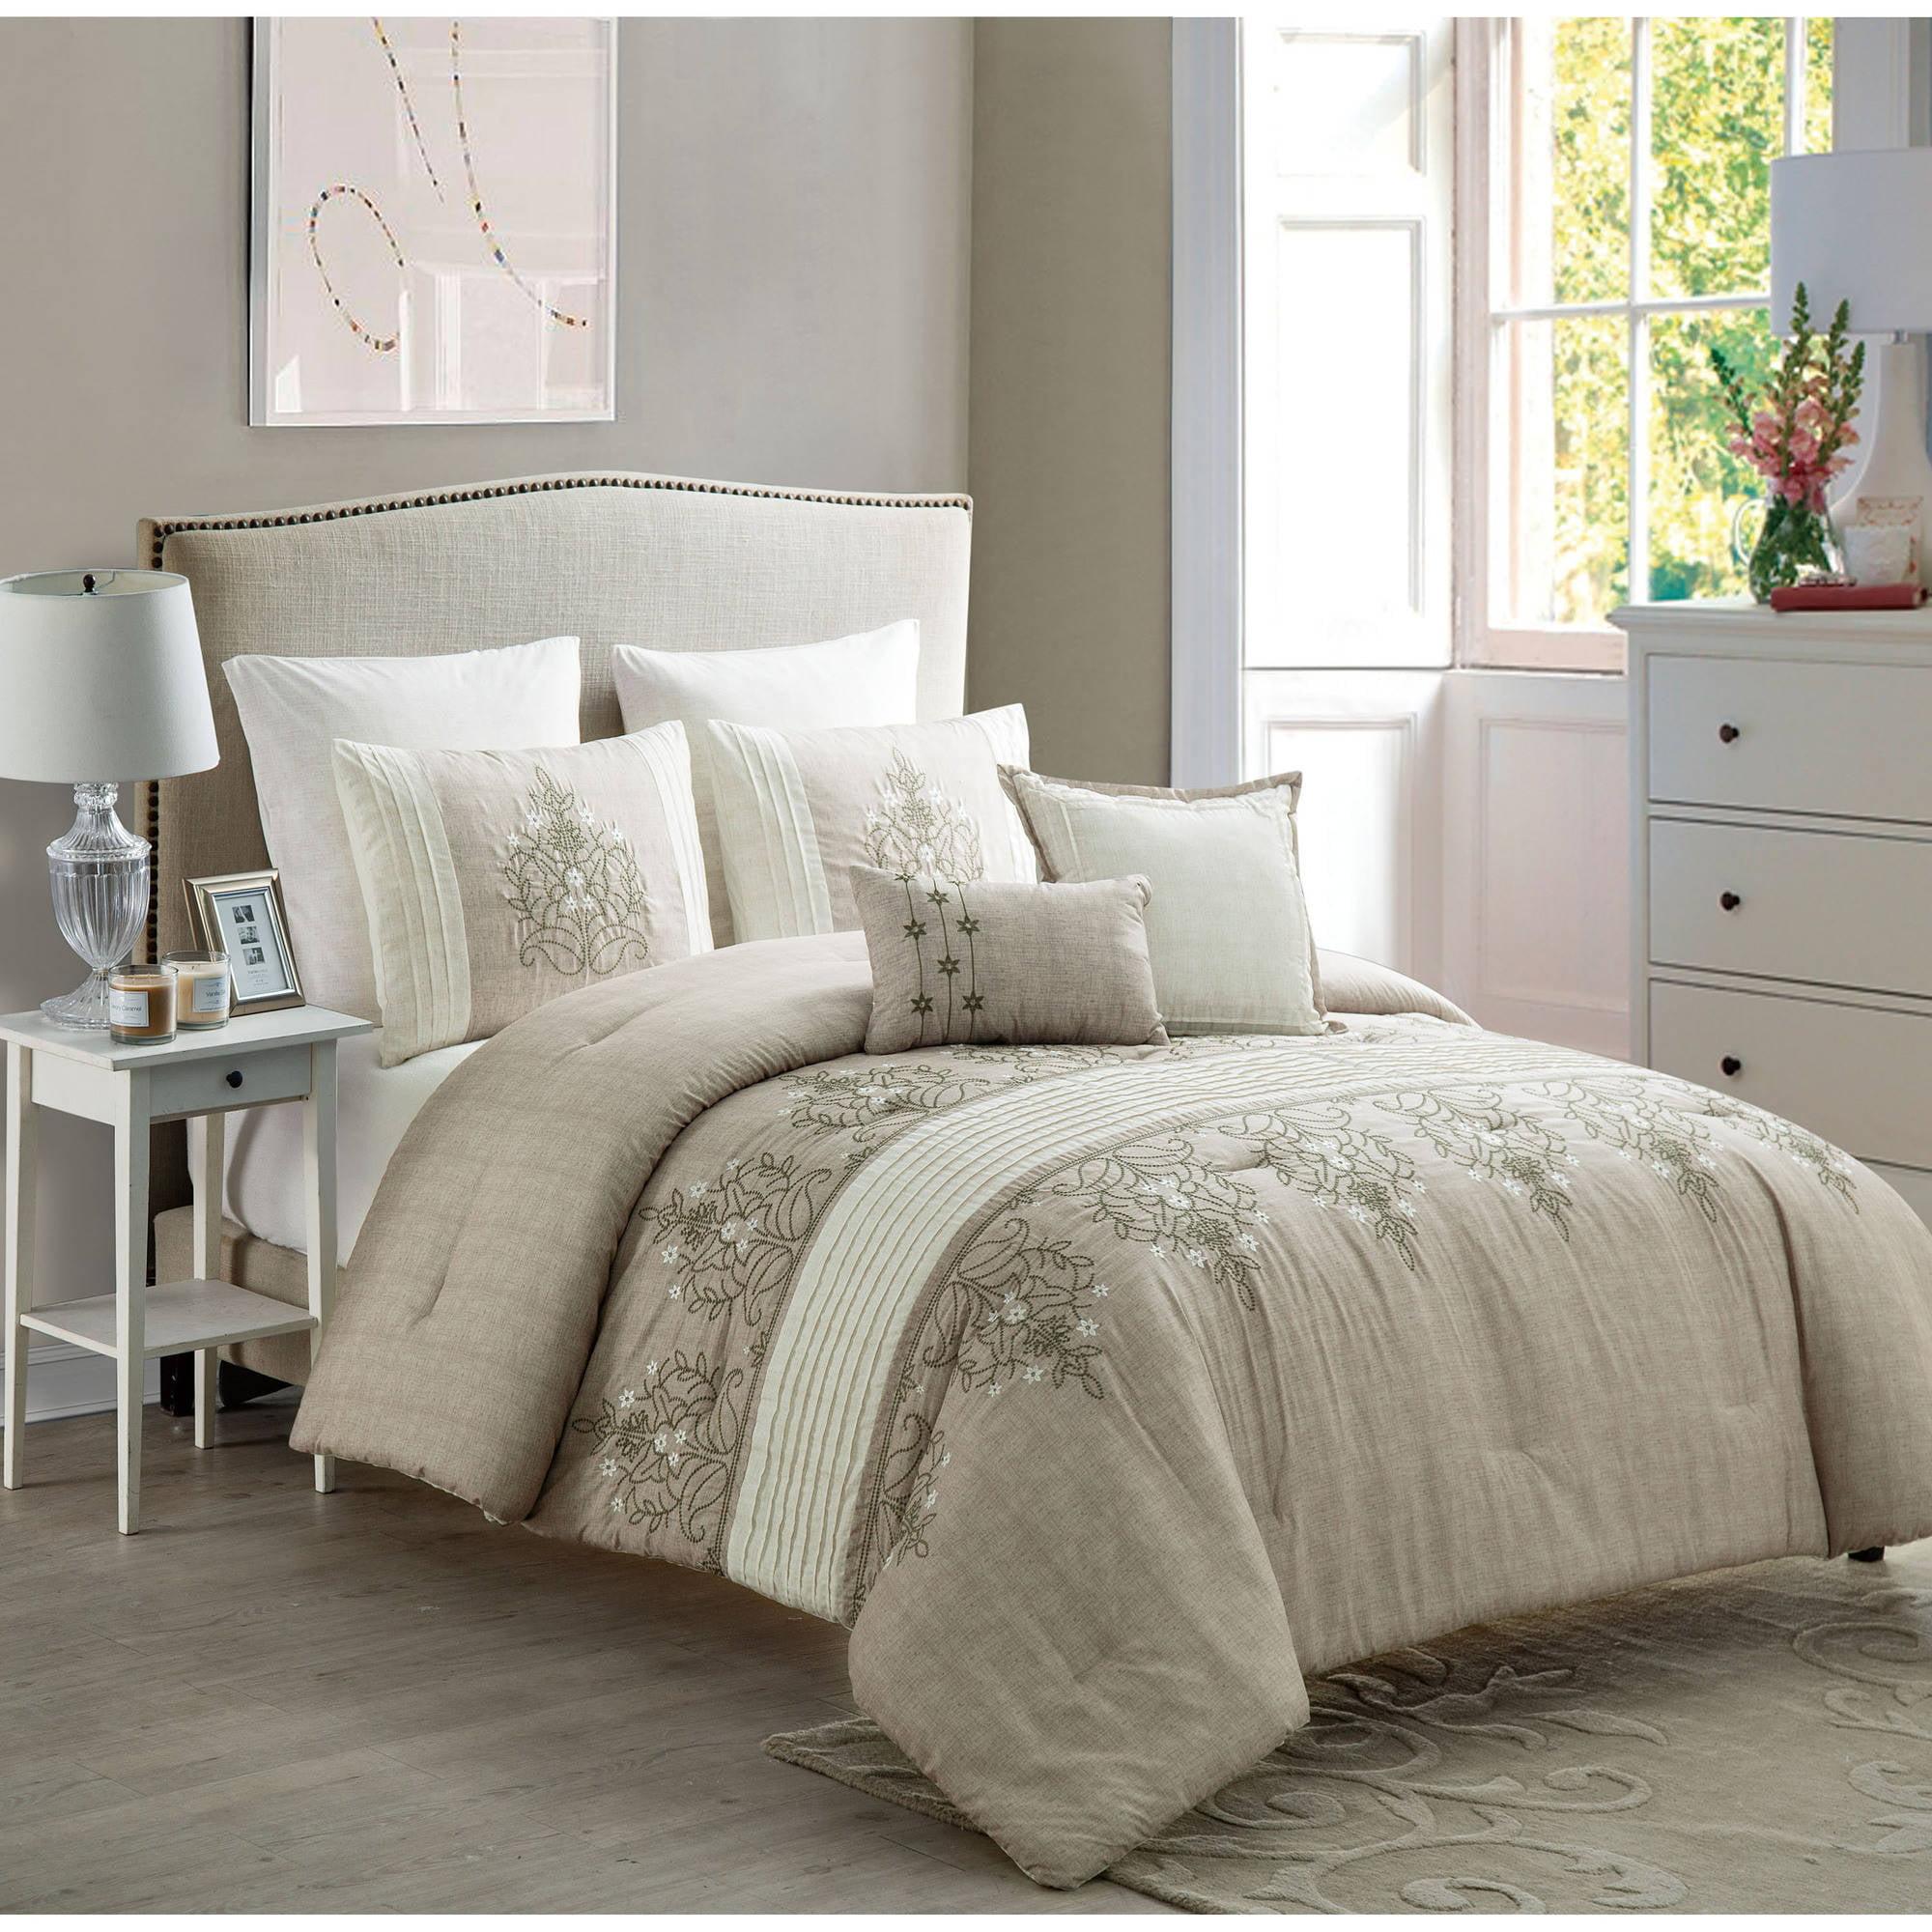 Grace 7-Piece Comforter Set, Euro Shams included